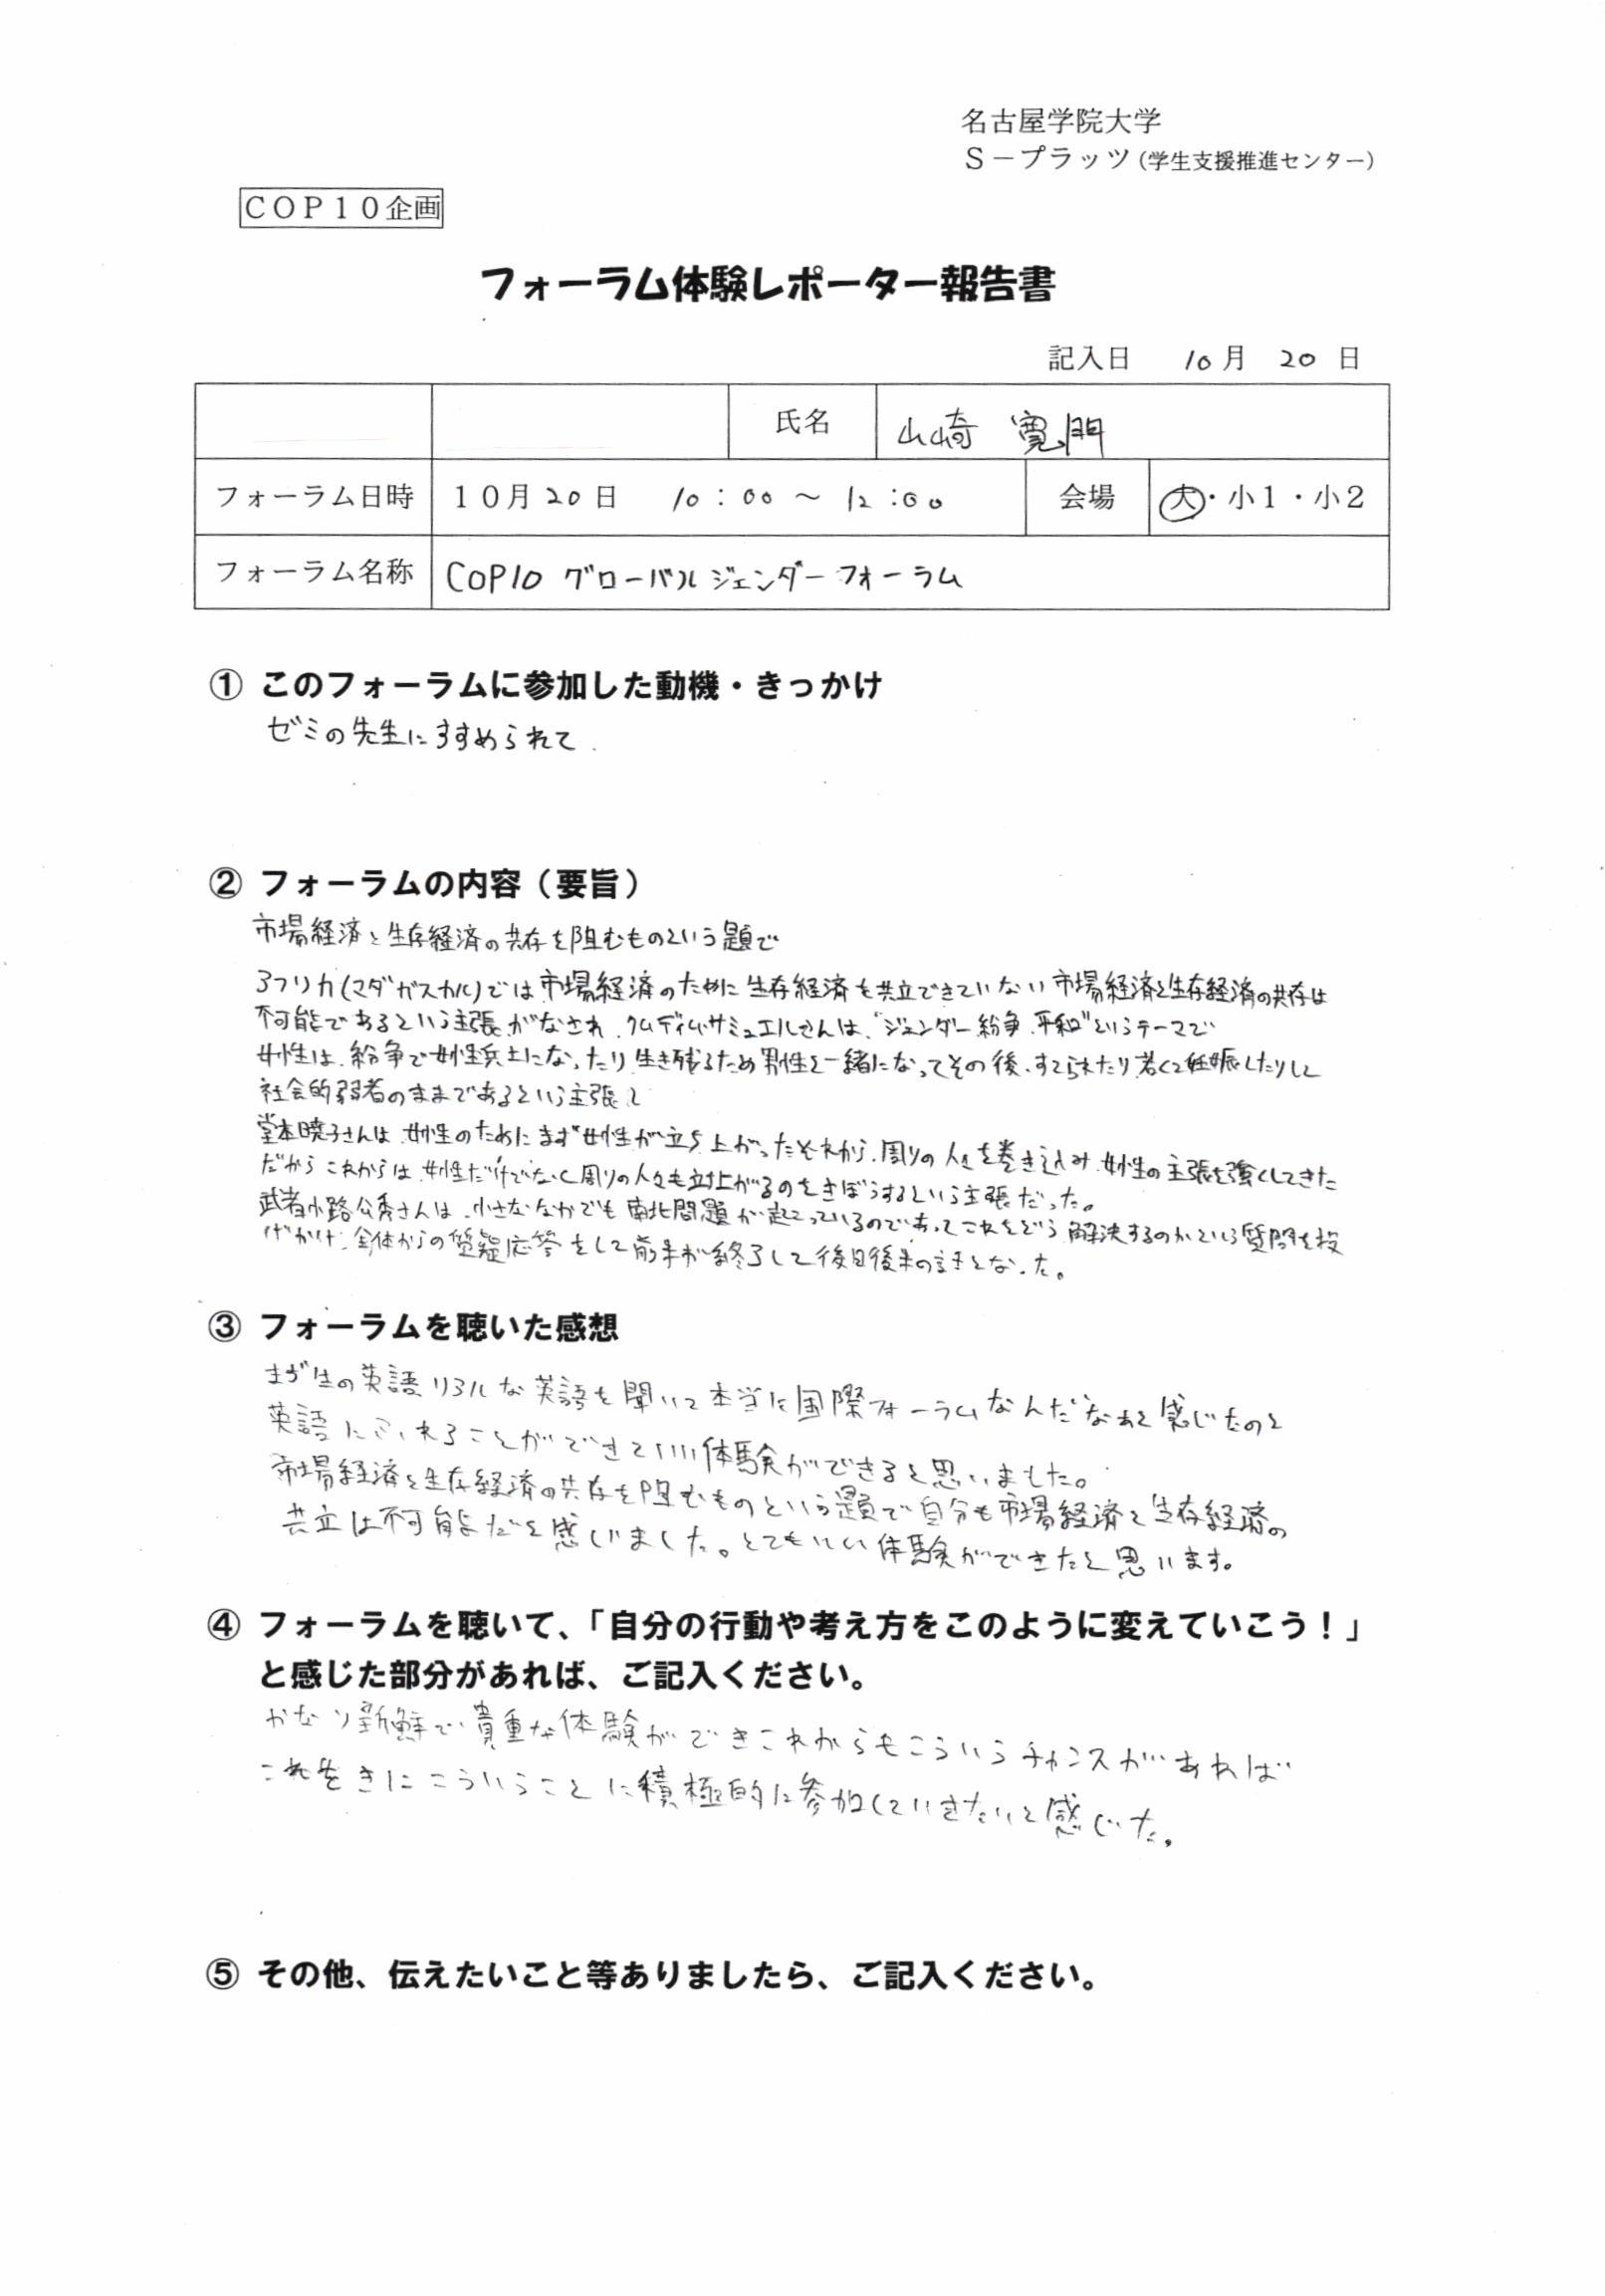 フォーラム体験レポーター報告山崎